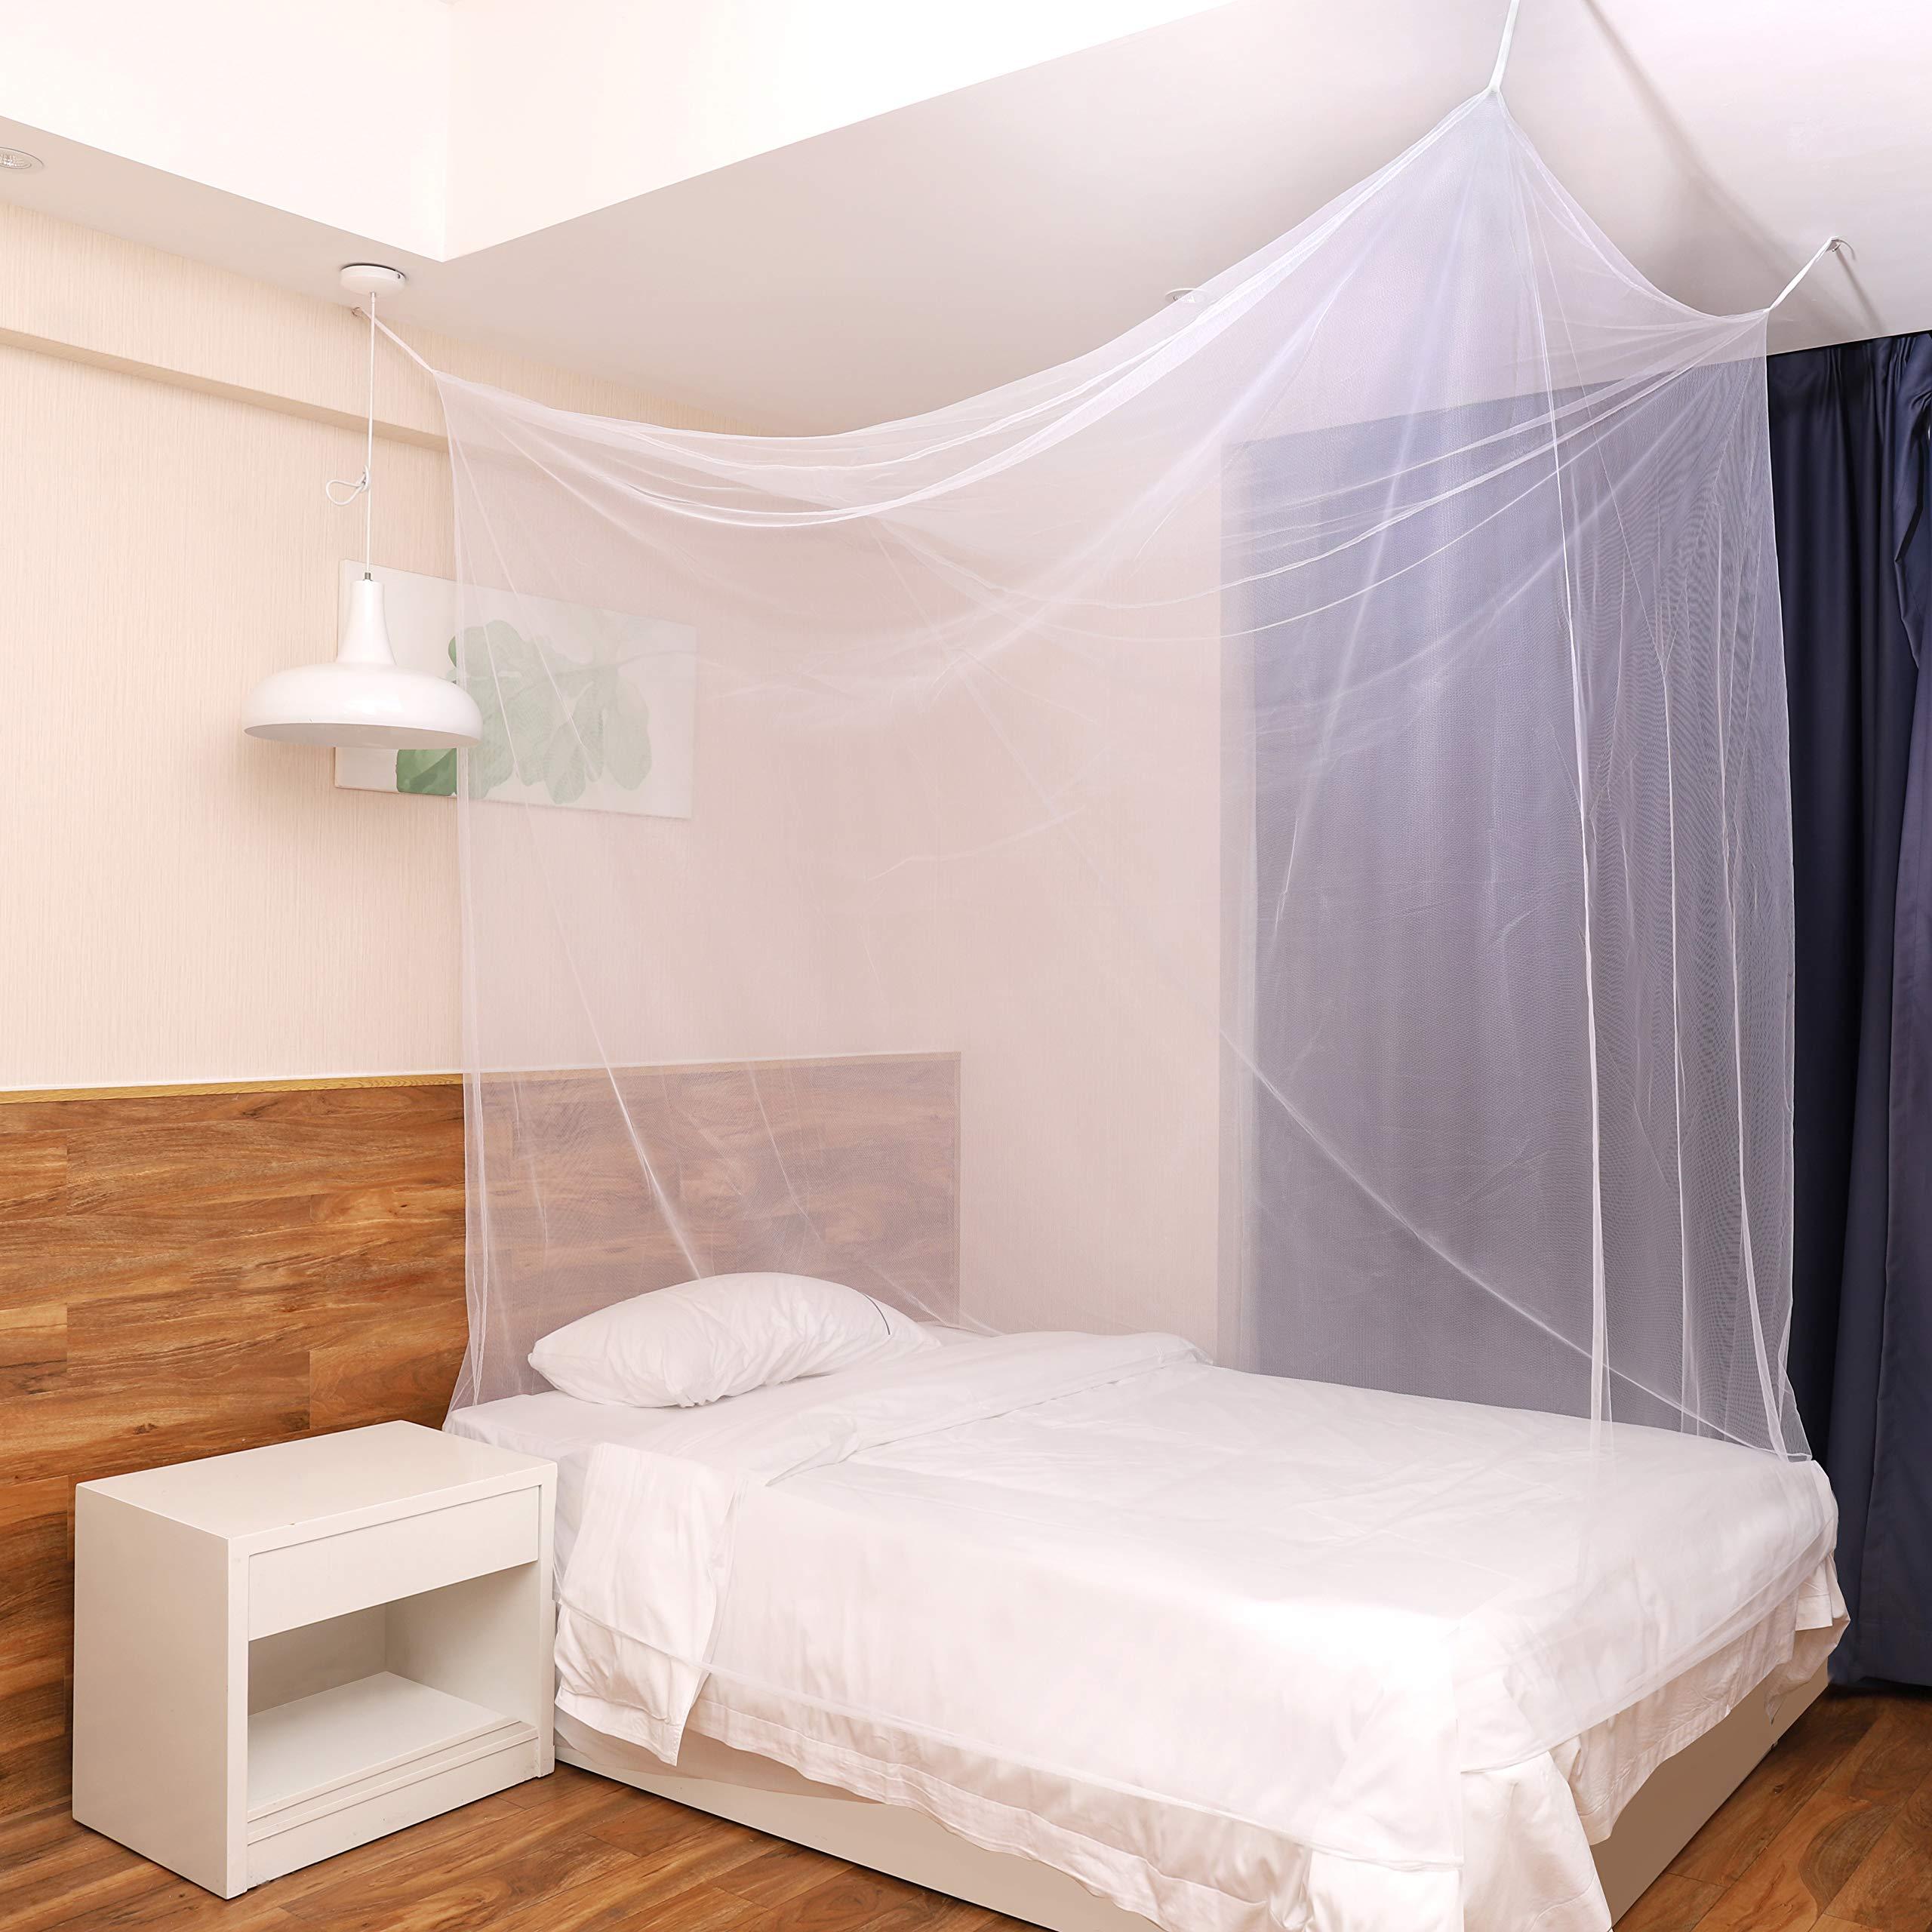 Sekey Mosquitera para cama simple con Kit de colocación, Cortina, Protección repelente contra Insectos